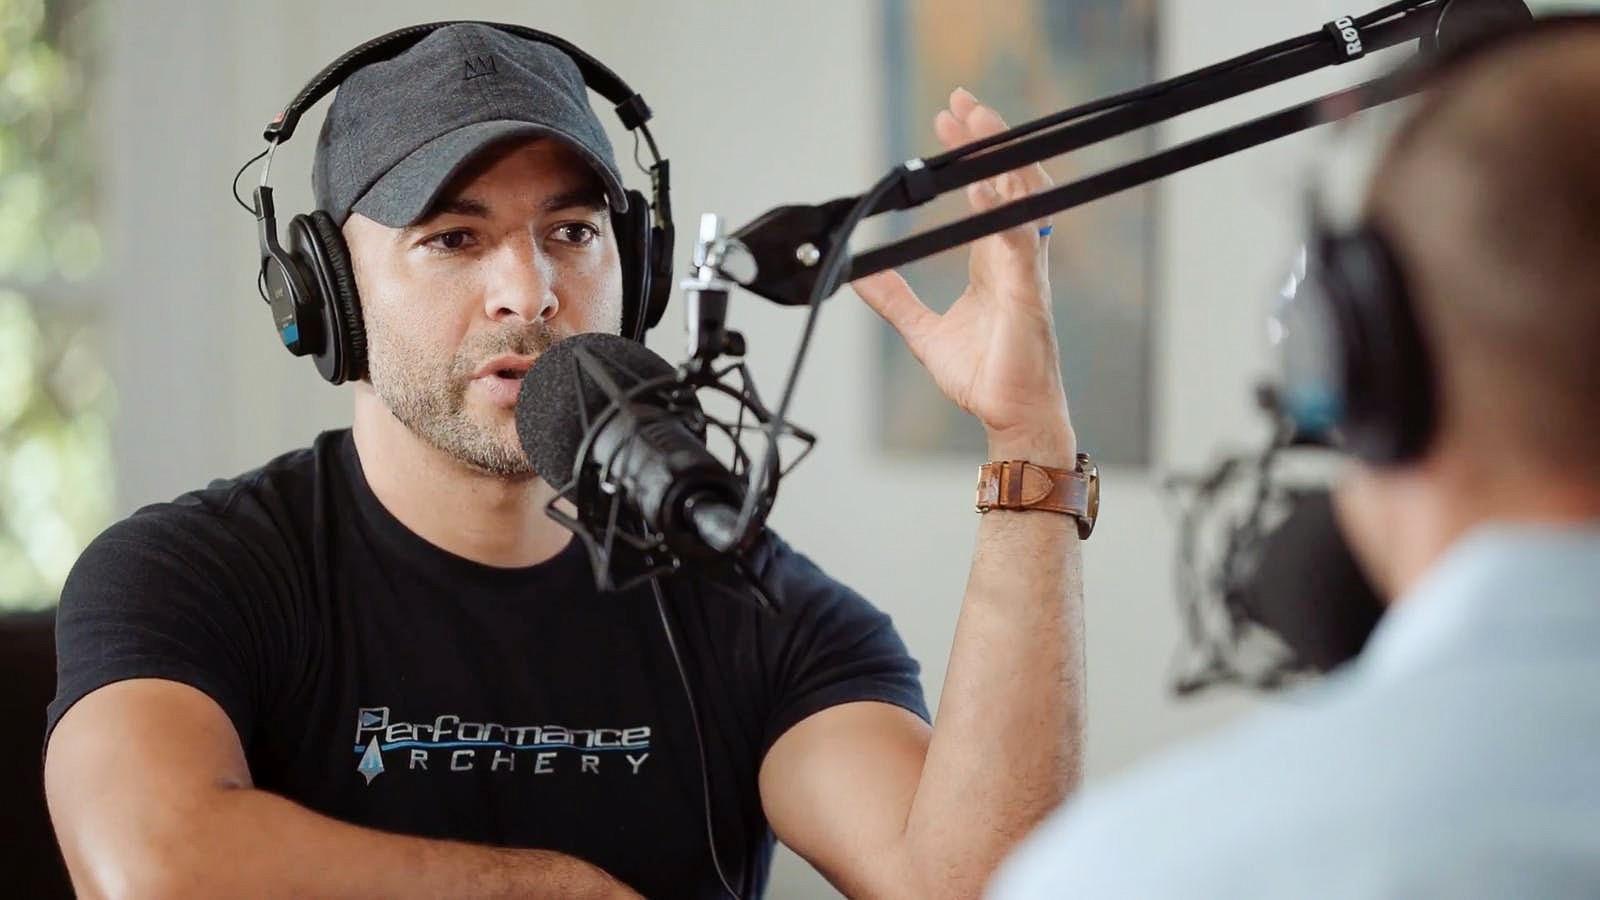 Peter Attia recording a podcast